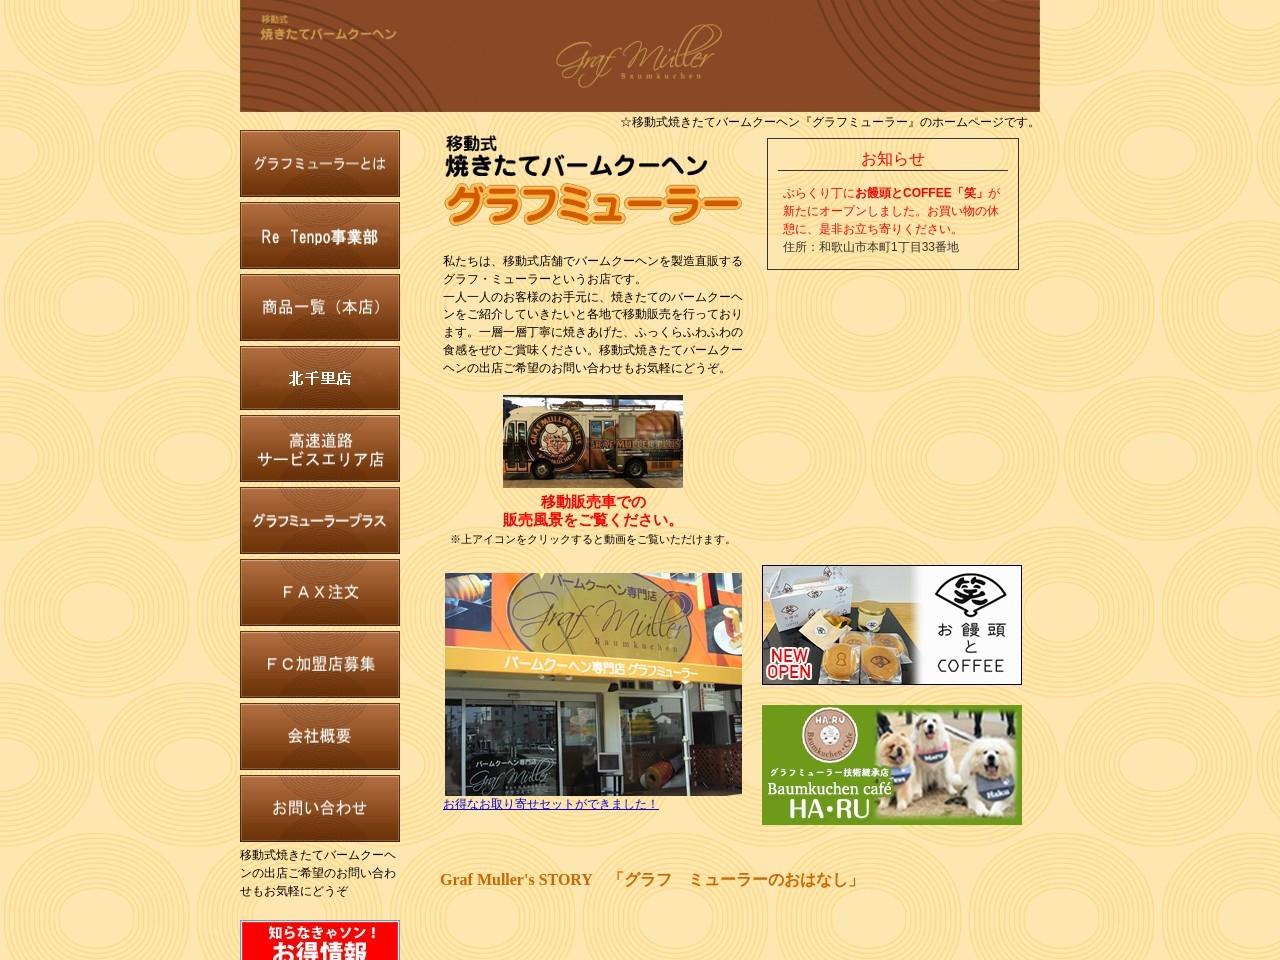 グラフミューラー和歌山本店